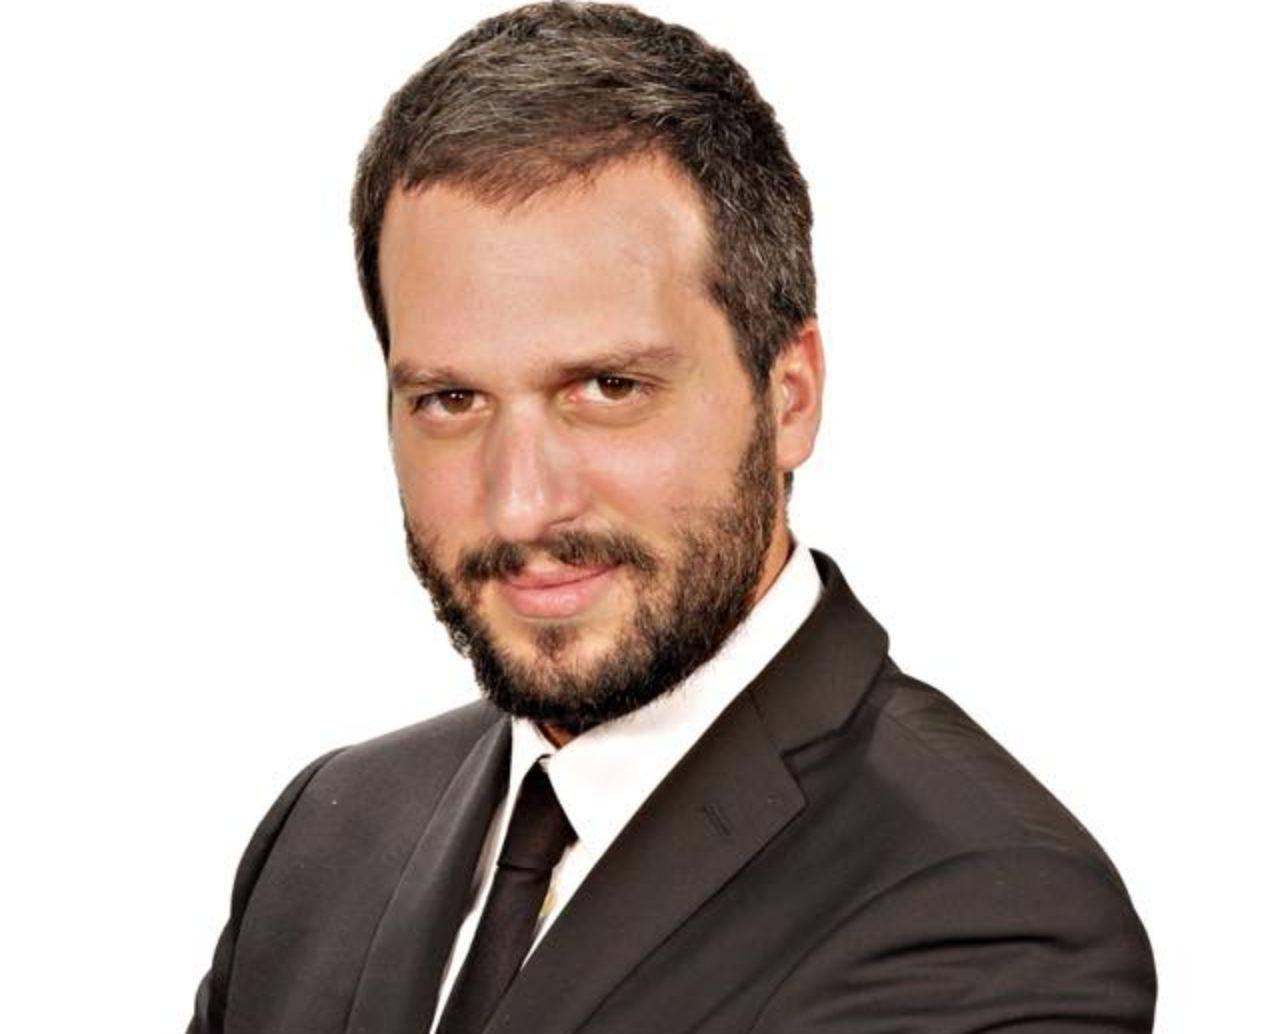 Gaetano Pecoraro Iene capelli